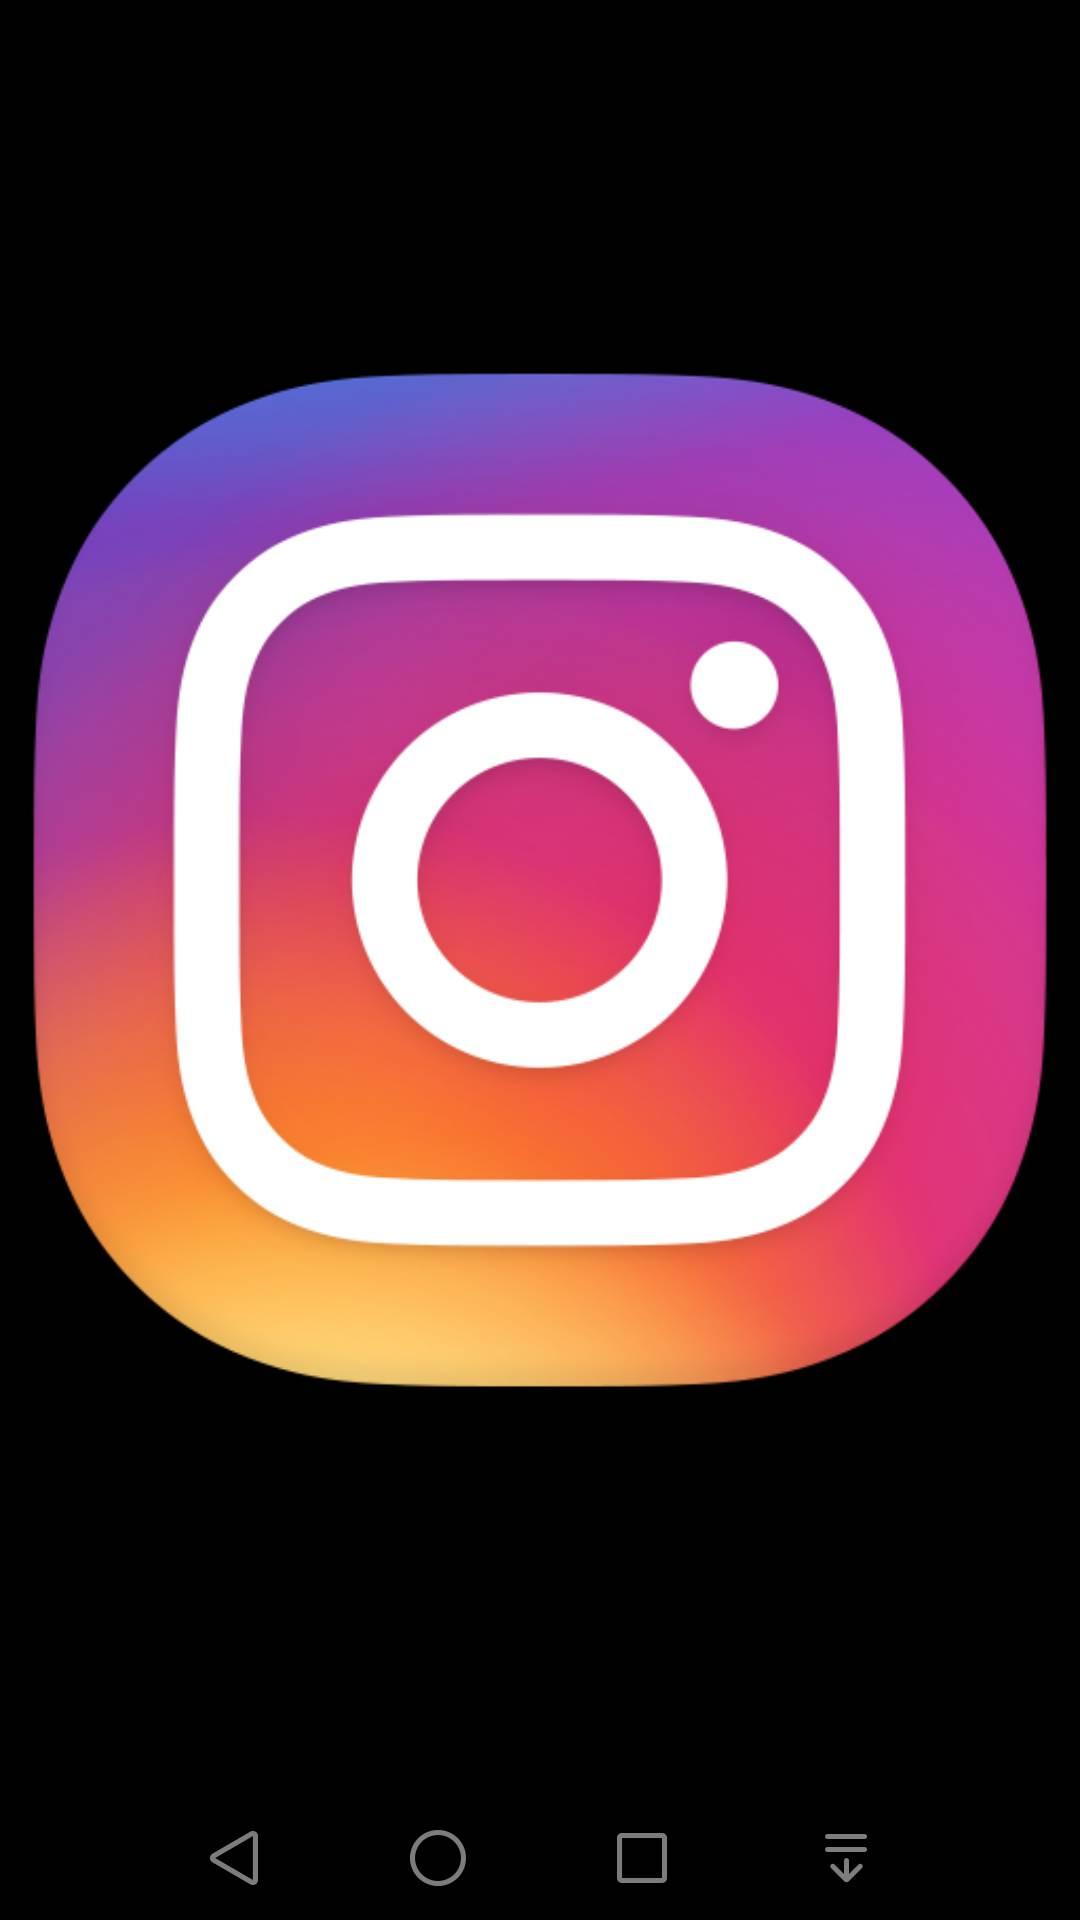 Napustili Instagram zbog Cukerbergovog pritiska